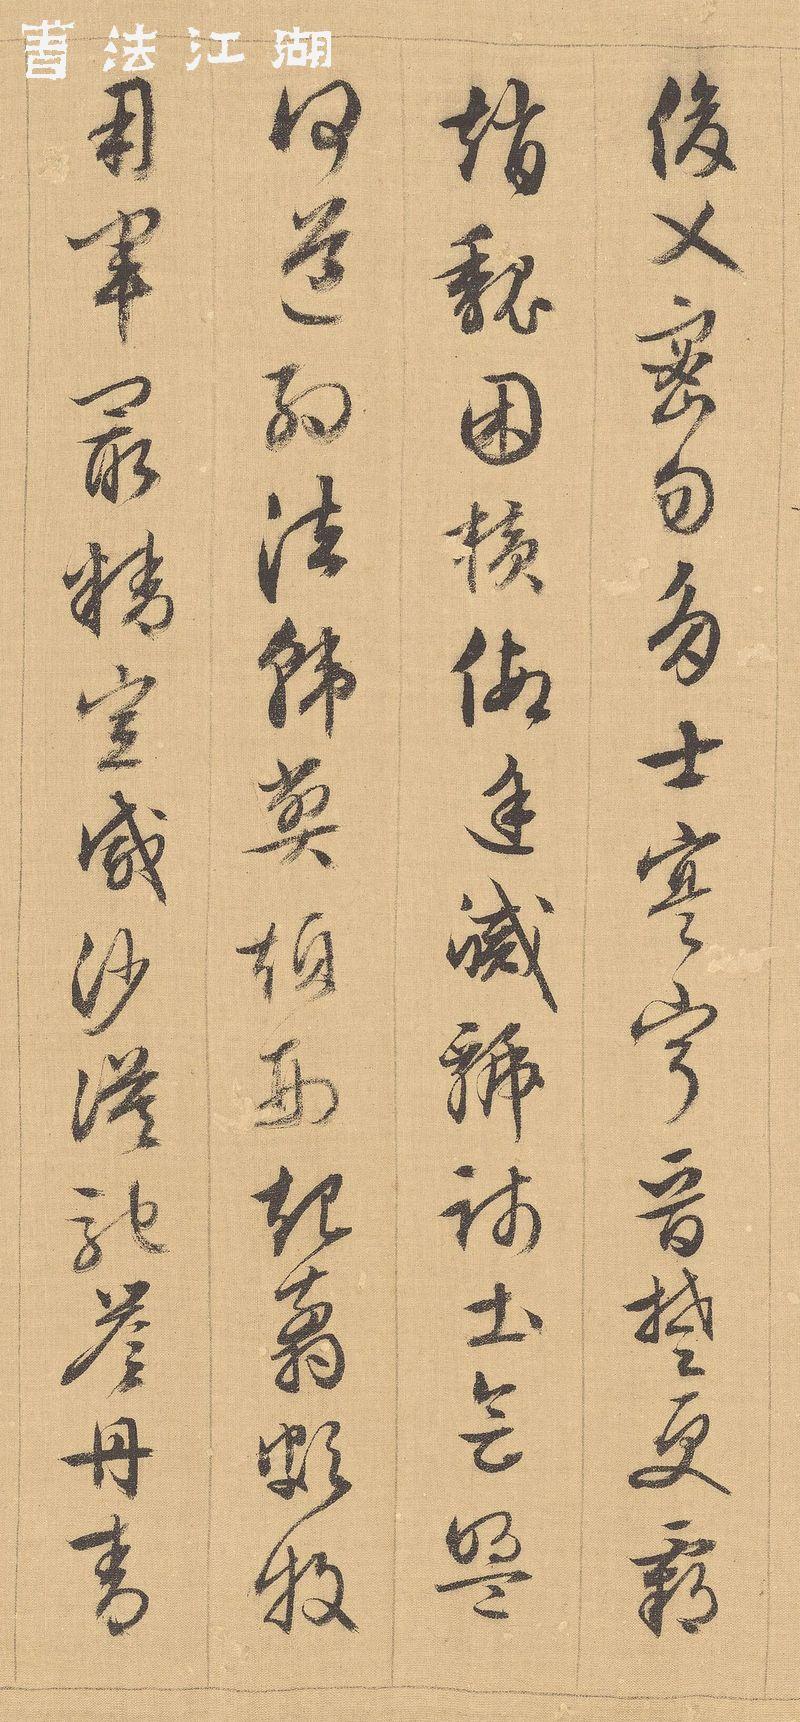 文徵明-行书千字文-13.jpg